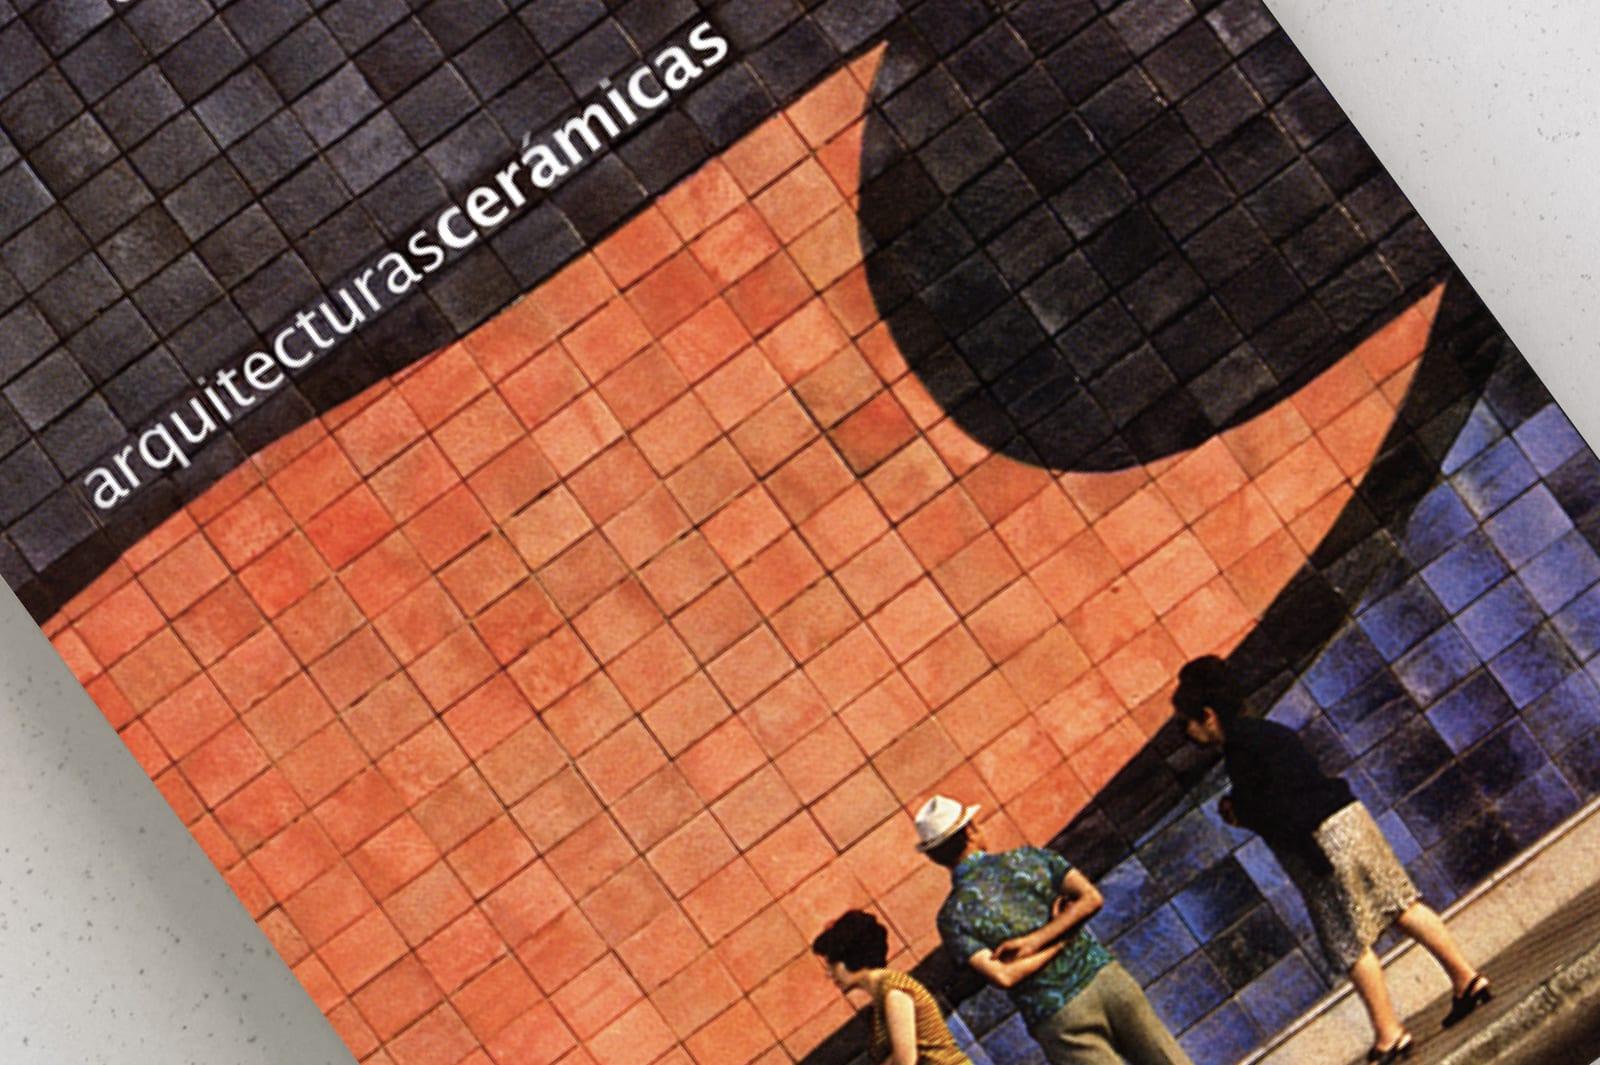 arquitecturasceramicas 2008